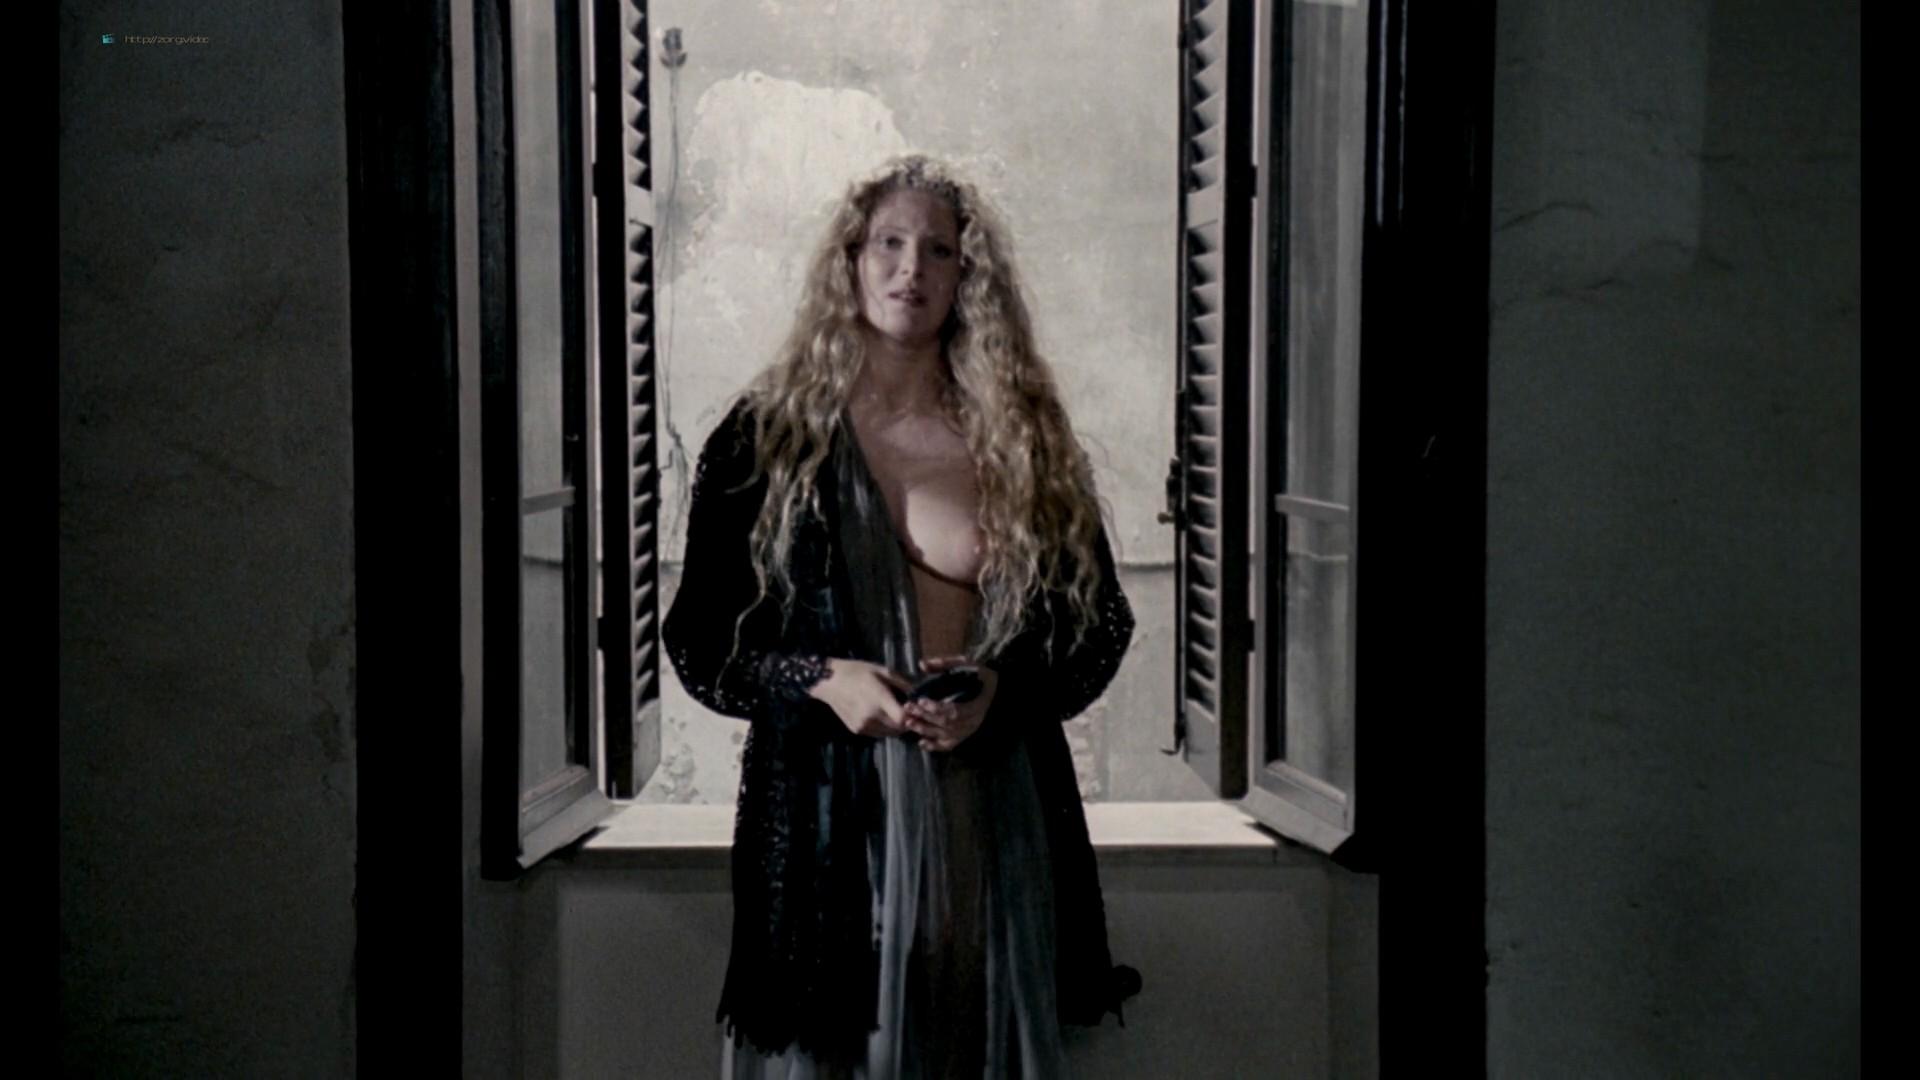 Domiziana Giordano nude topless - Nostalghia (1983) HD 1080p BluRay (4)